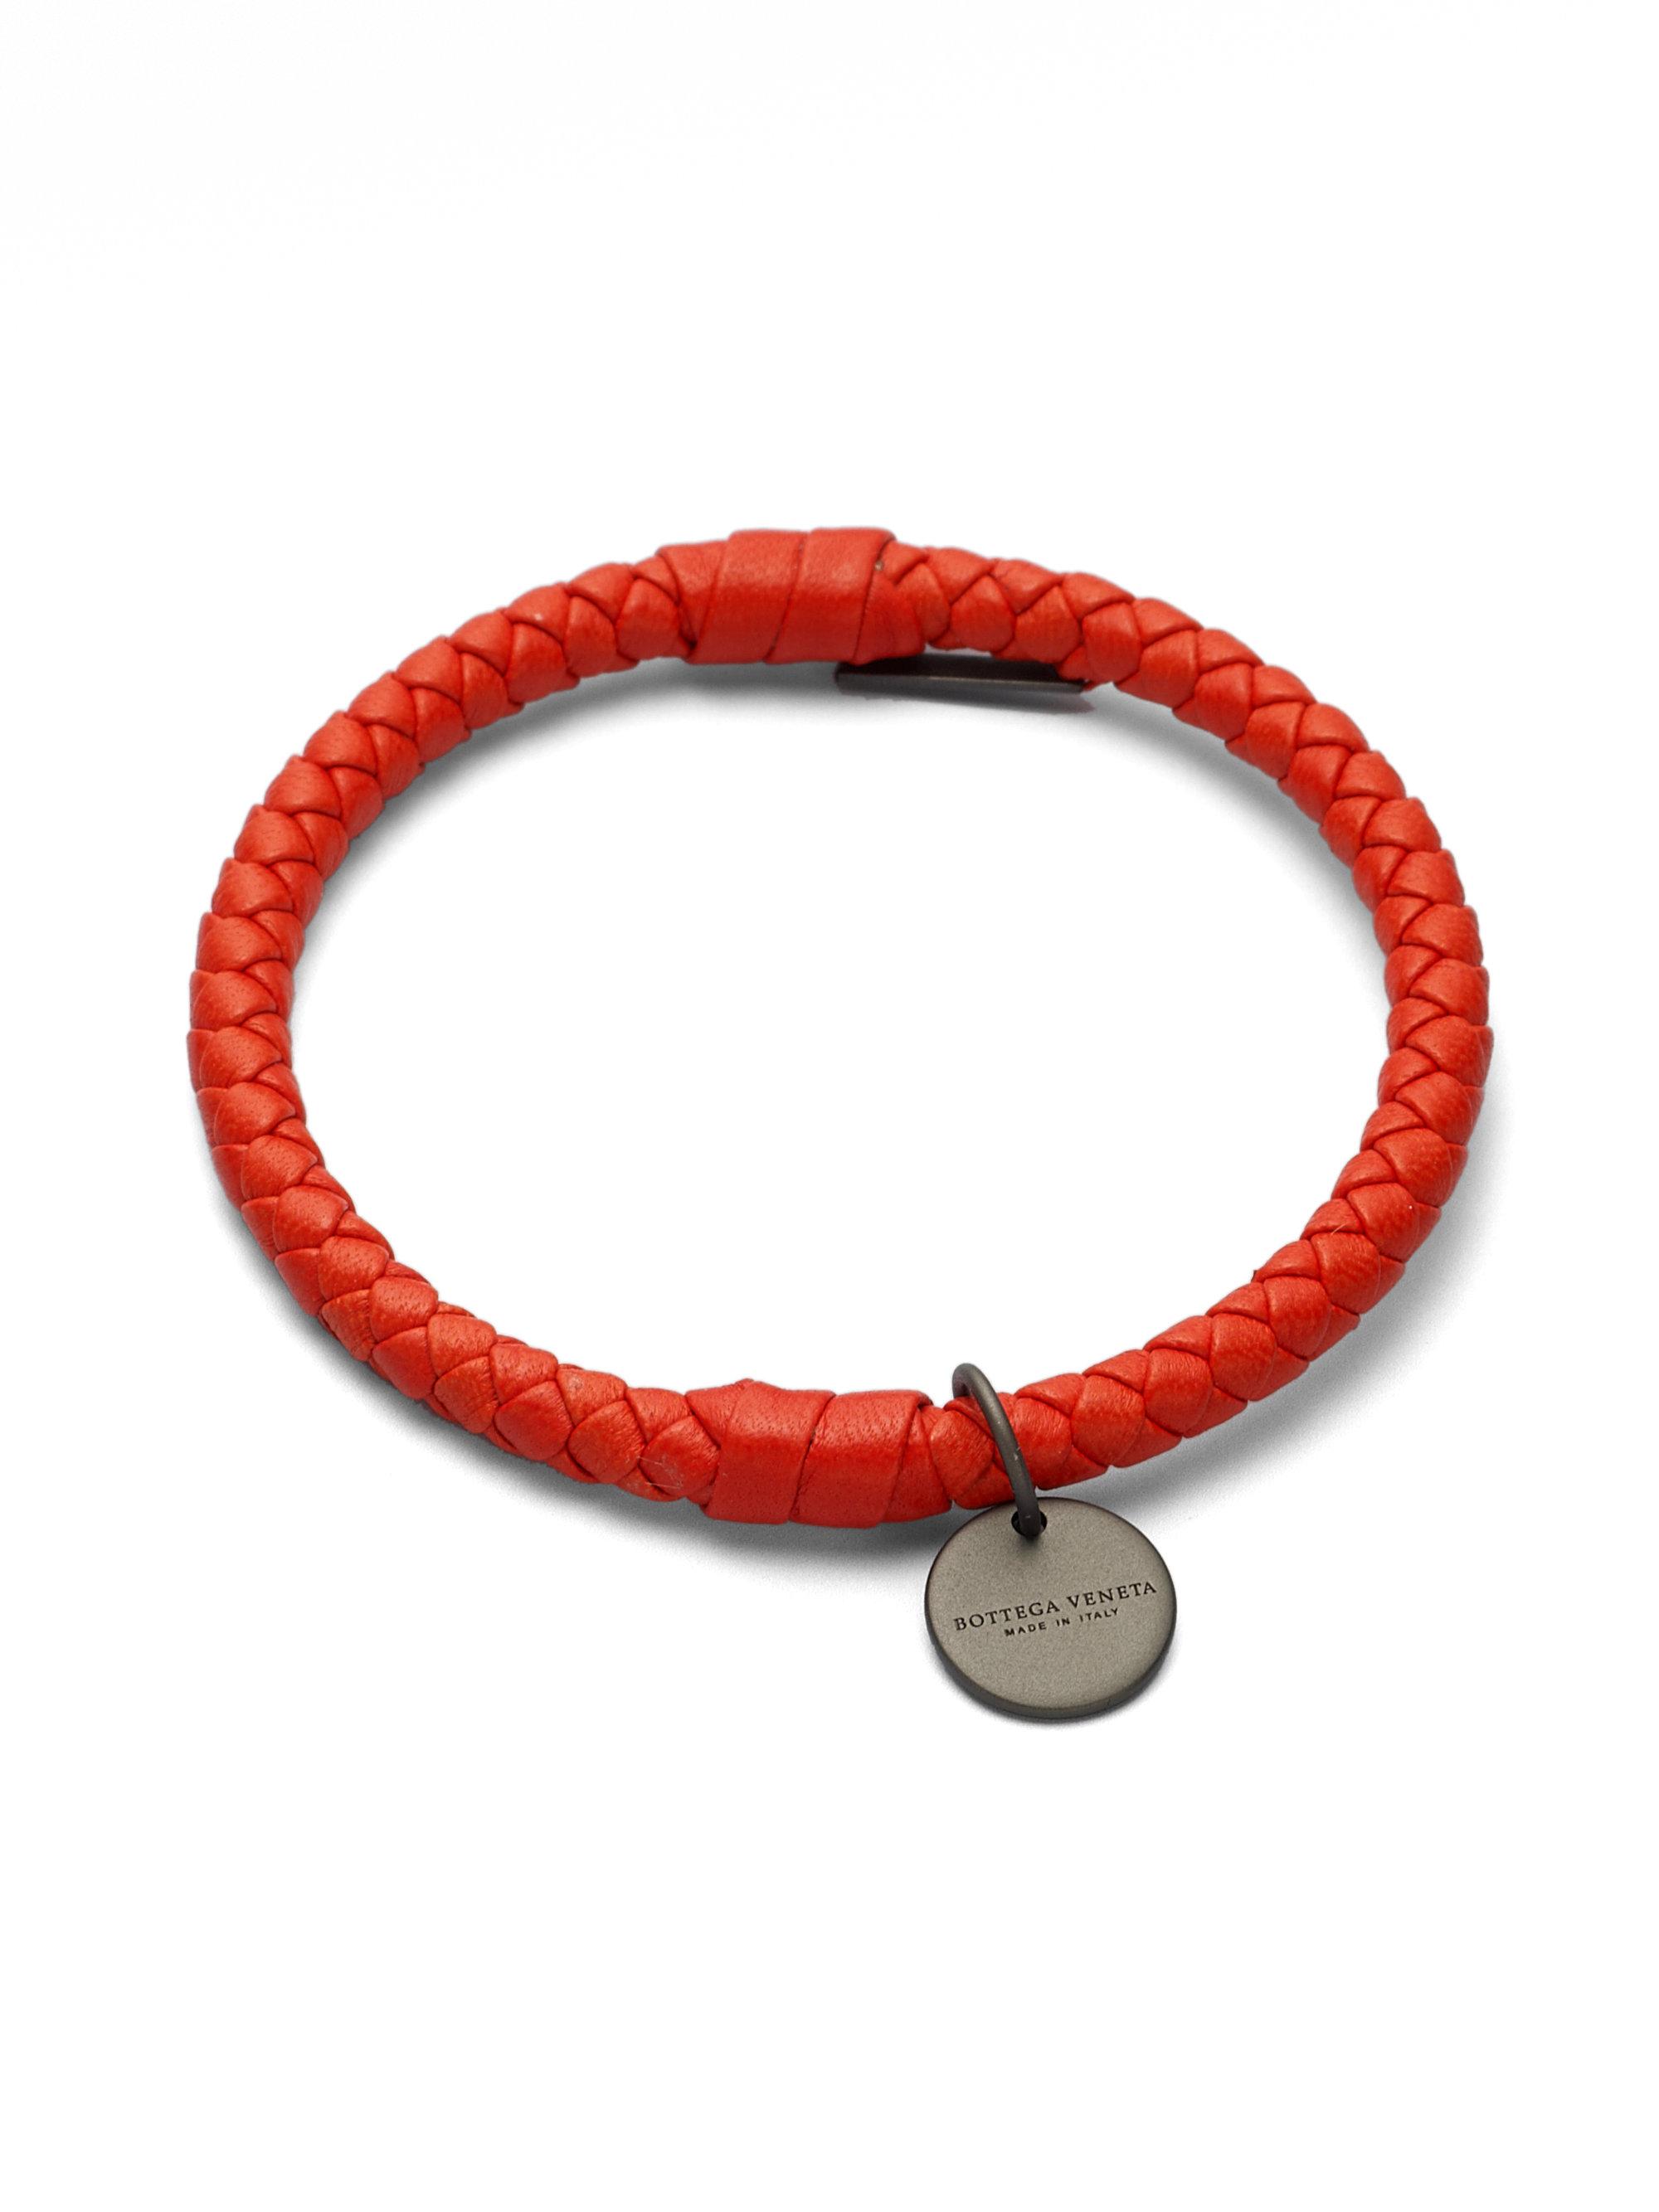 bottega veneta intrecciato leather bracelet in